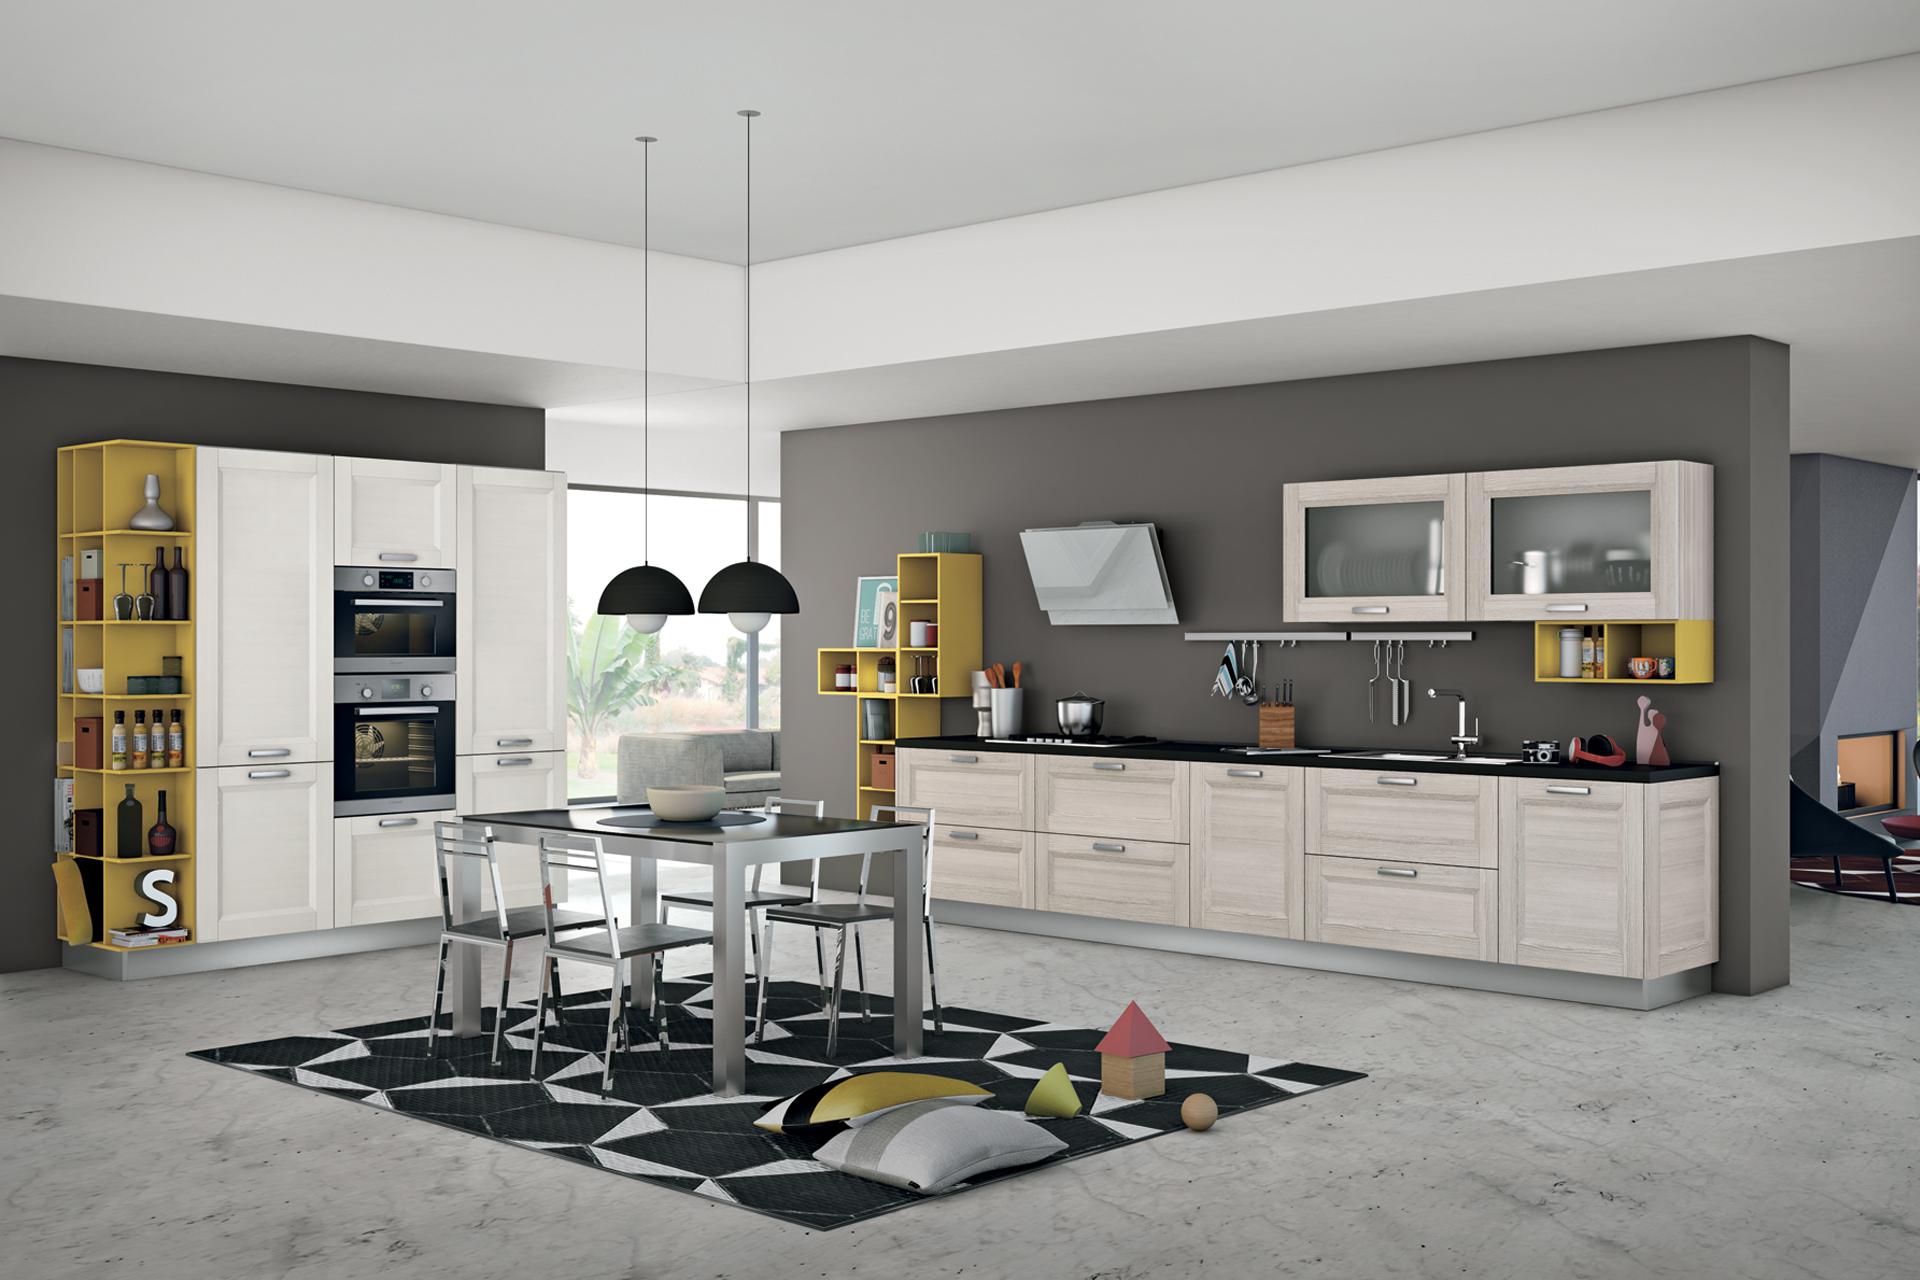 Cucine creo kitchens negozi di cucine in veneto - Cucine kitchen store ...